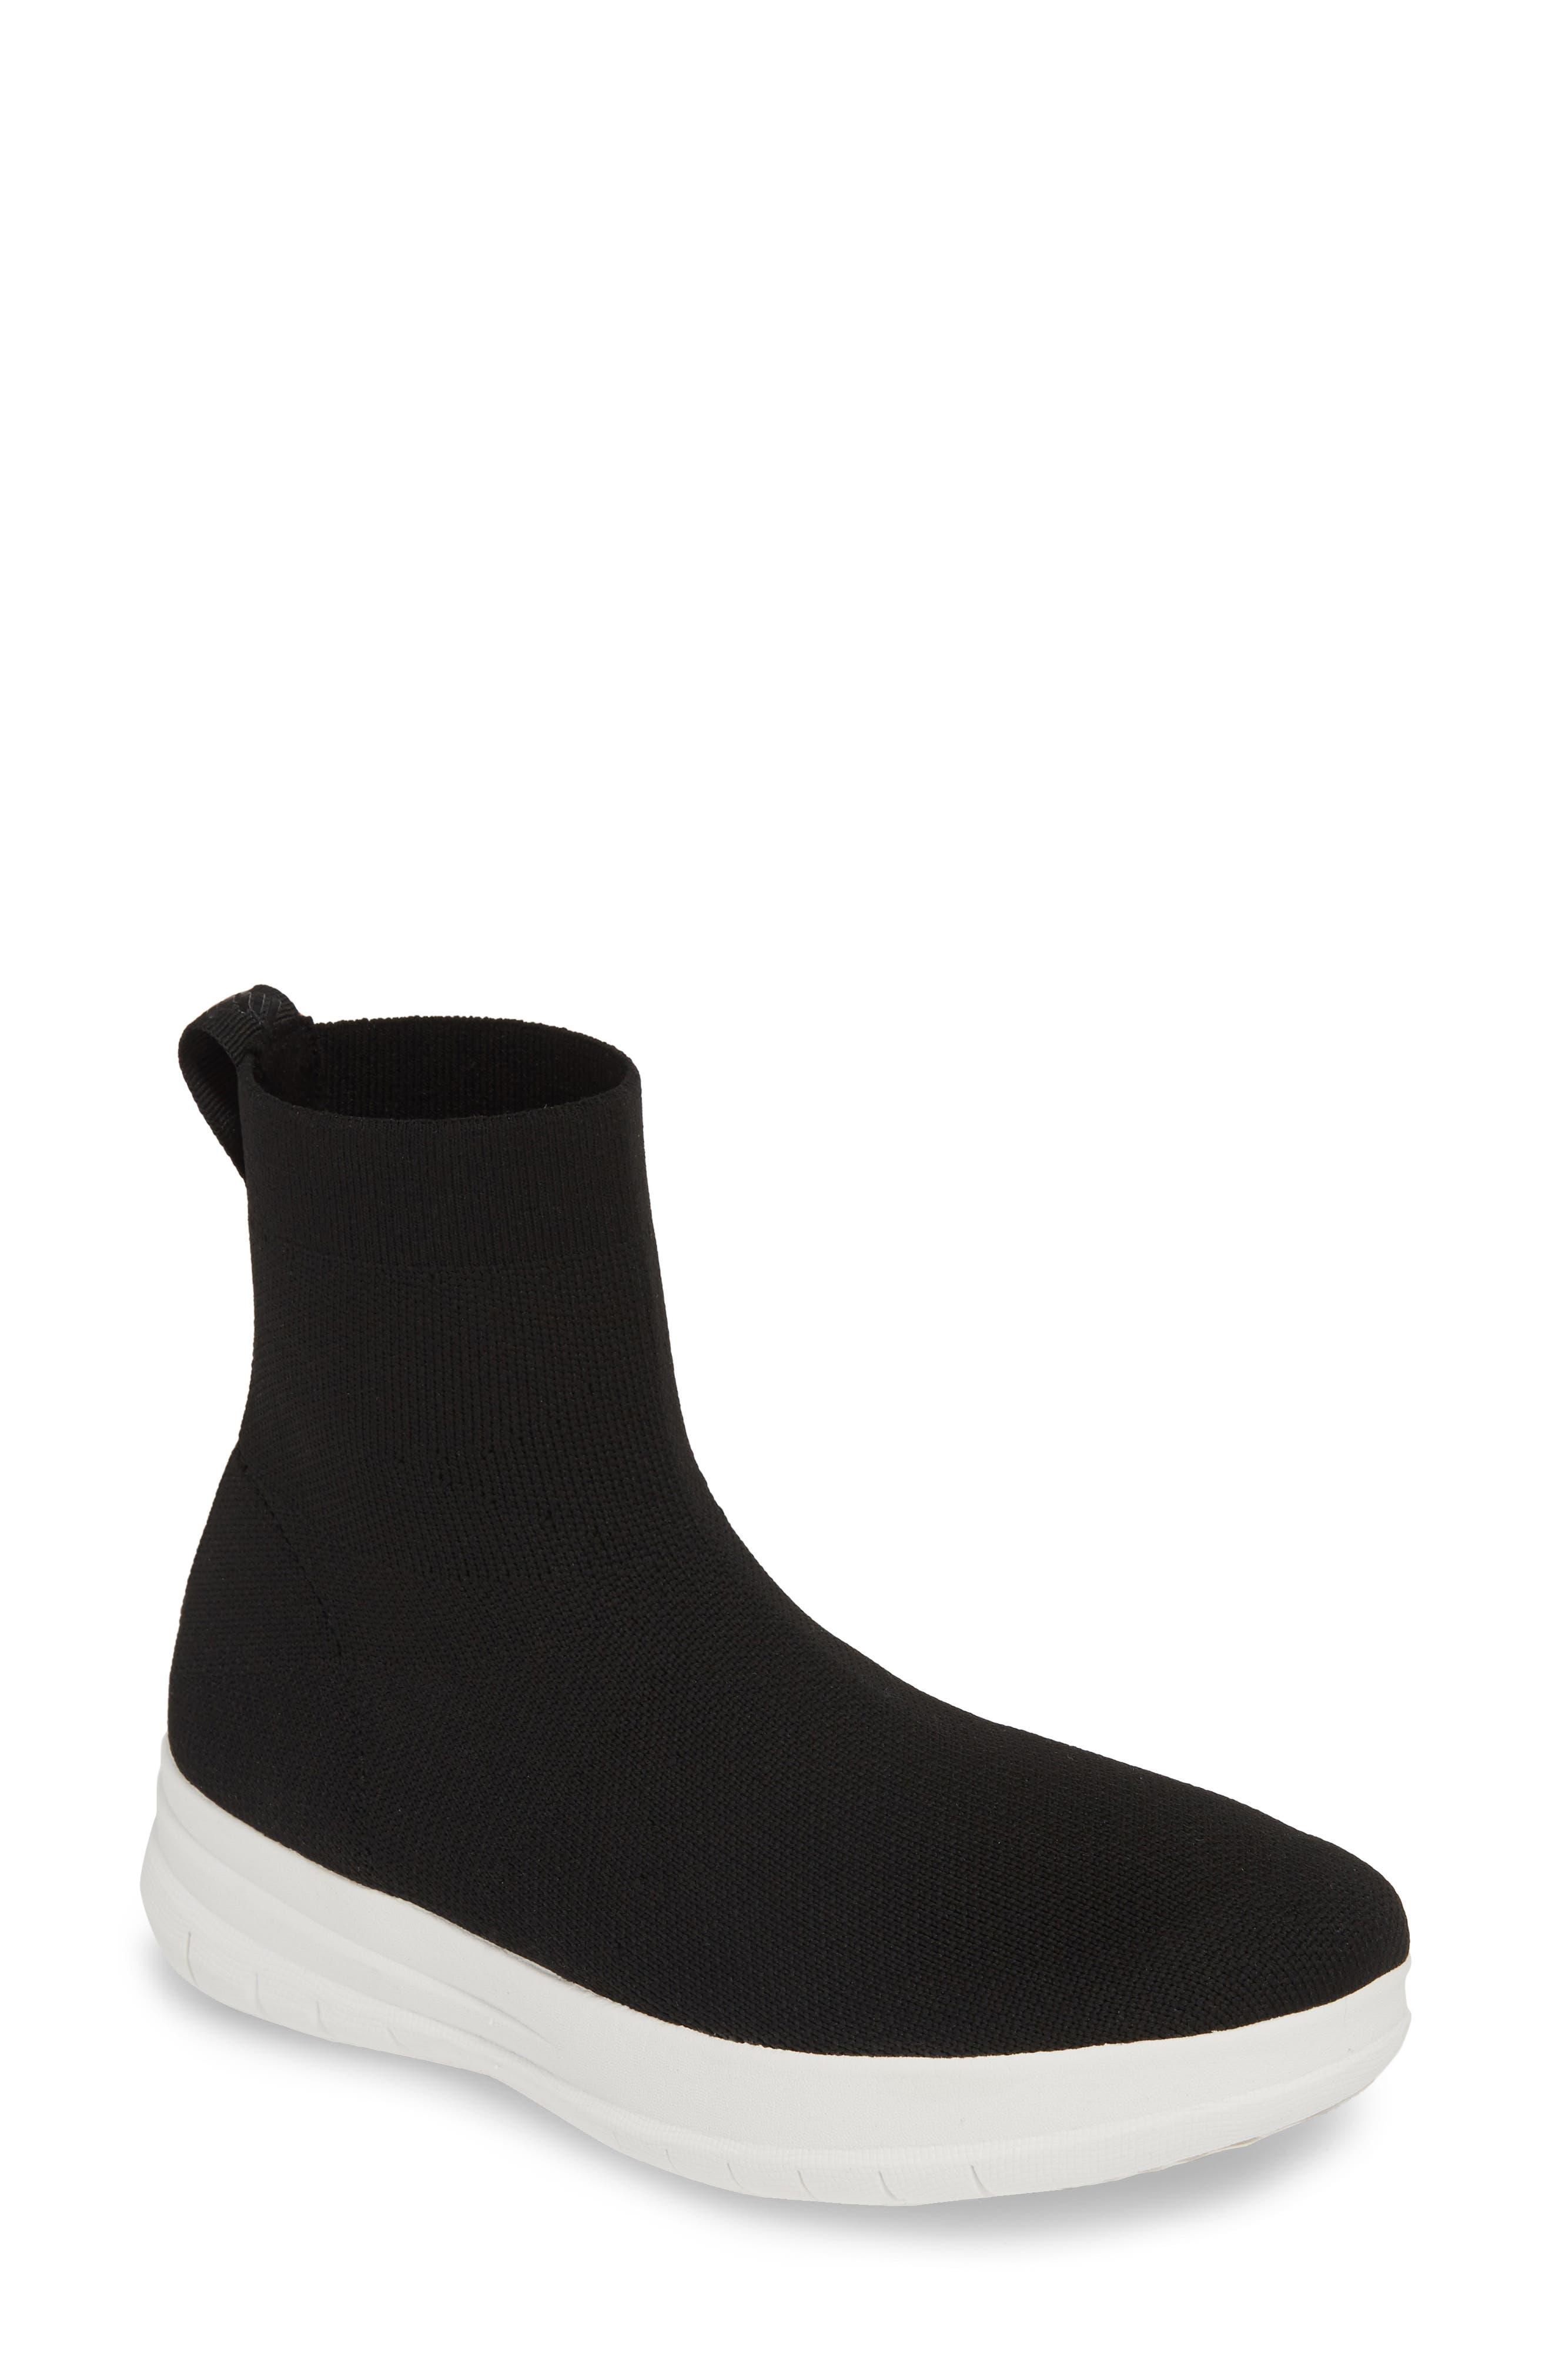 Fitflop Sneakers UBERKNIT HIGH TOP SNEAKER